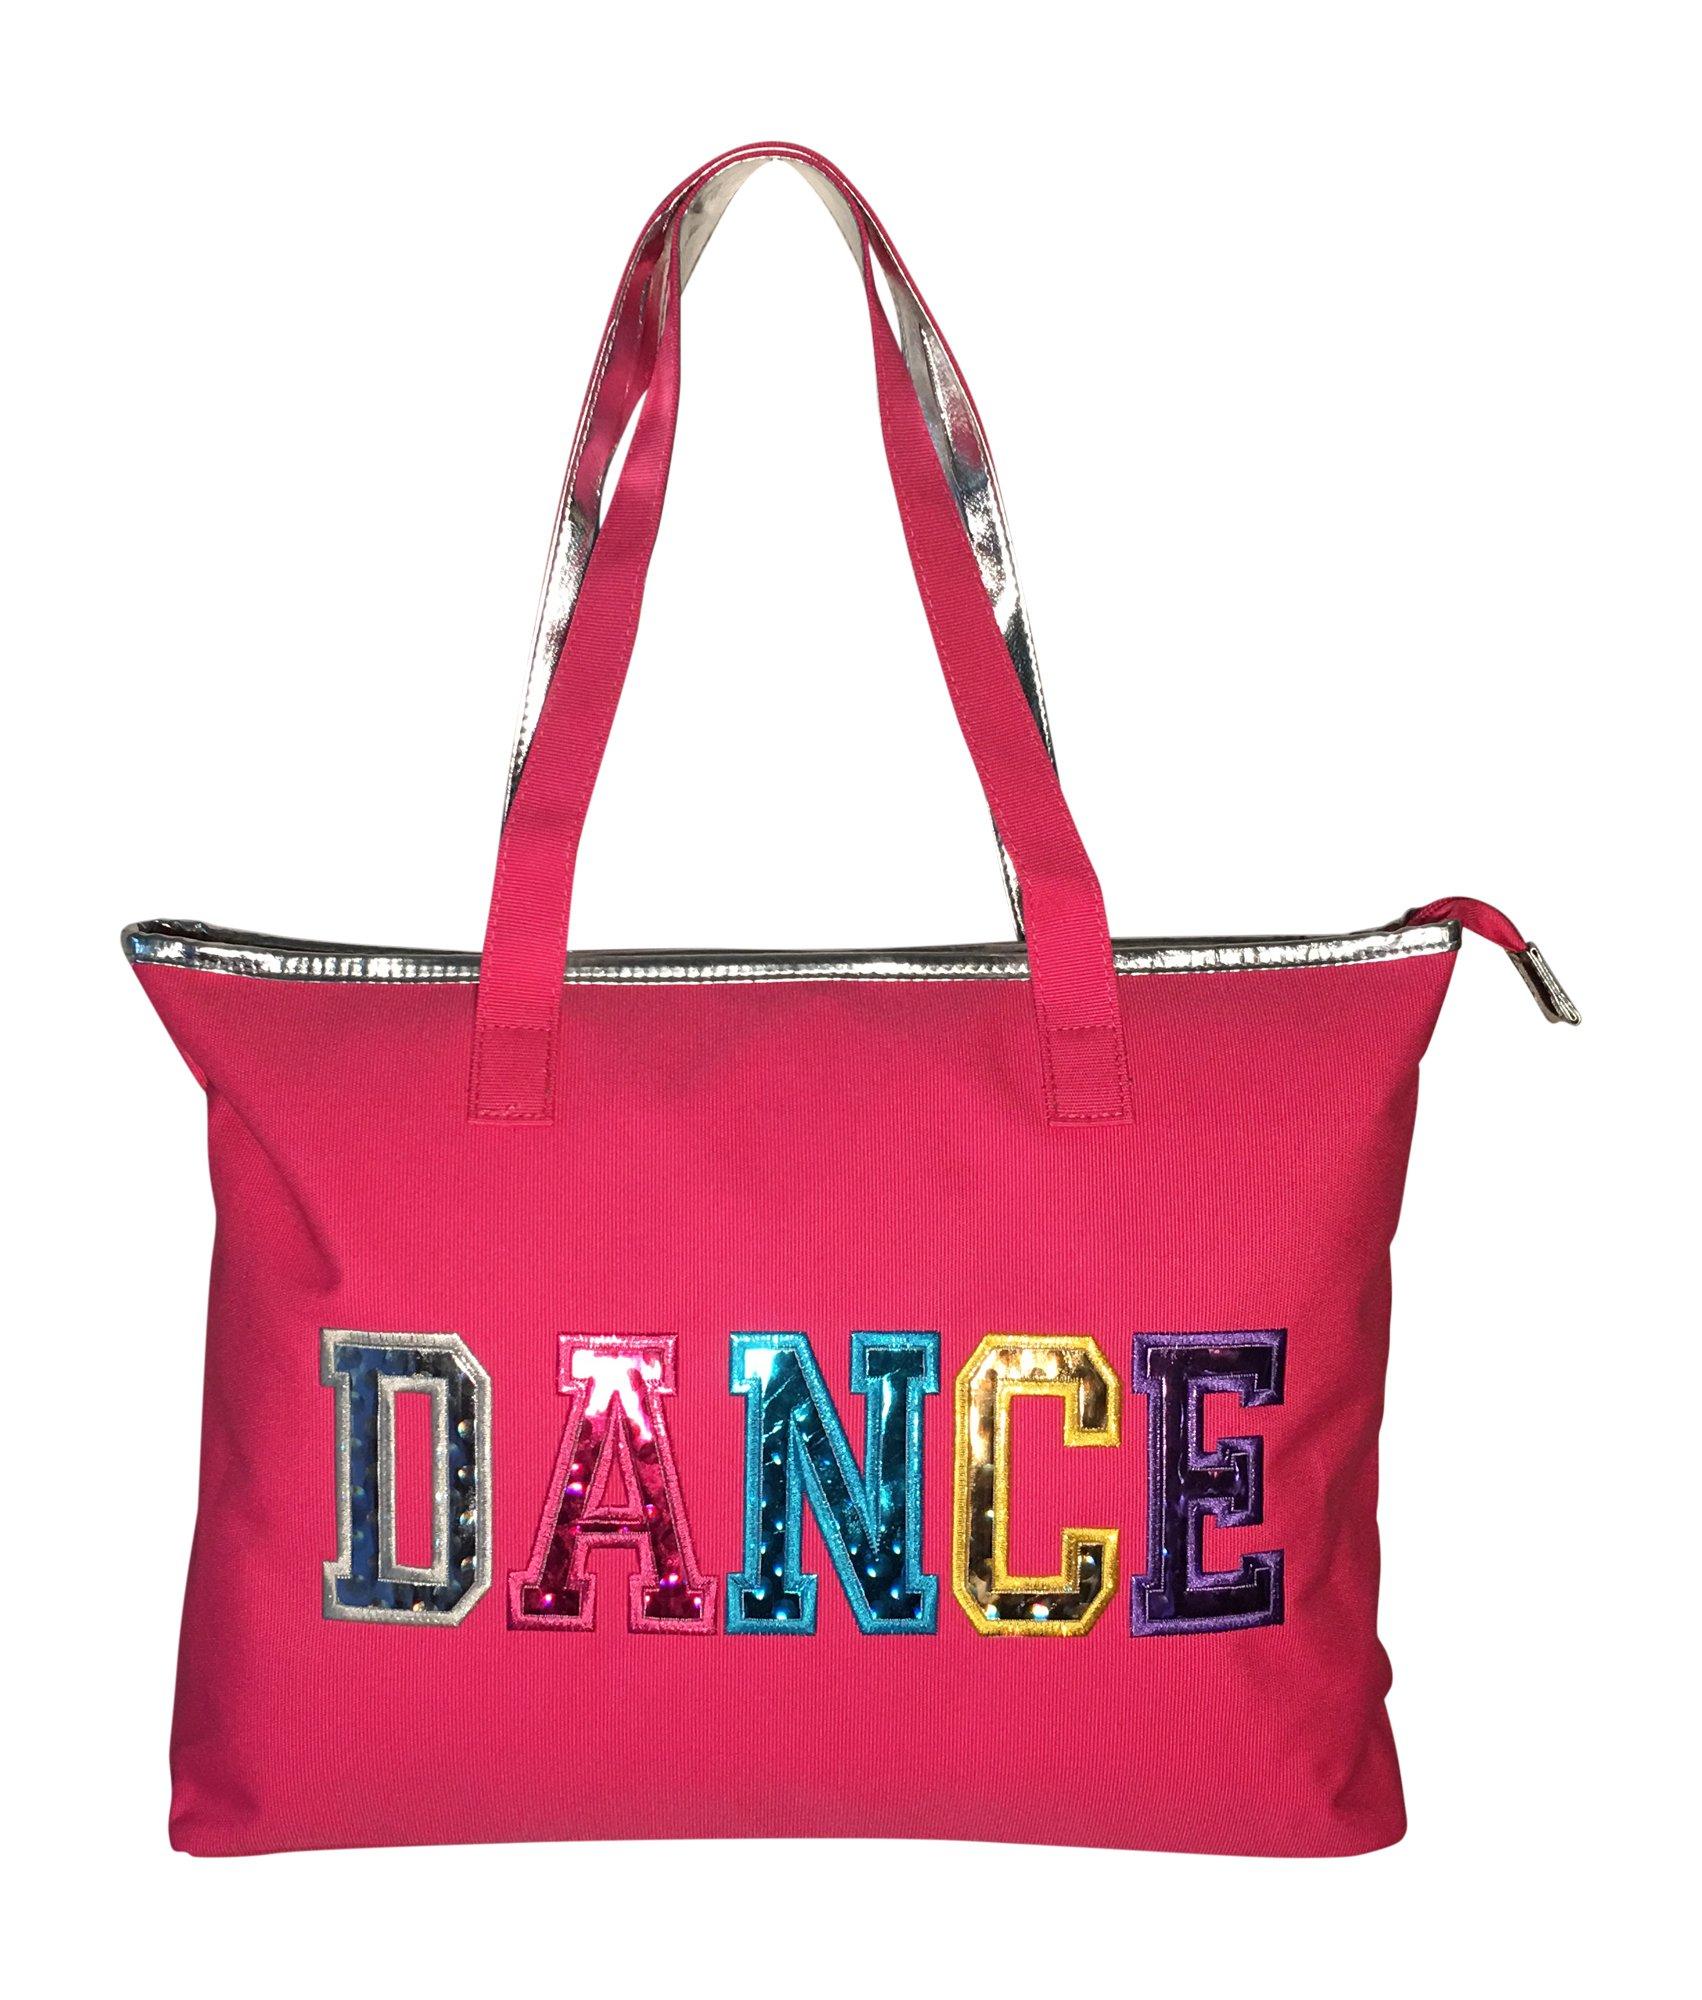 Dance Tote Bag With Multicolored Dance Print (Fuchsia)